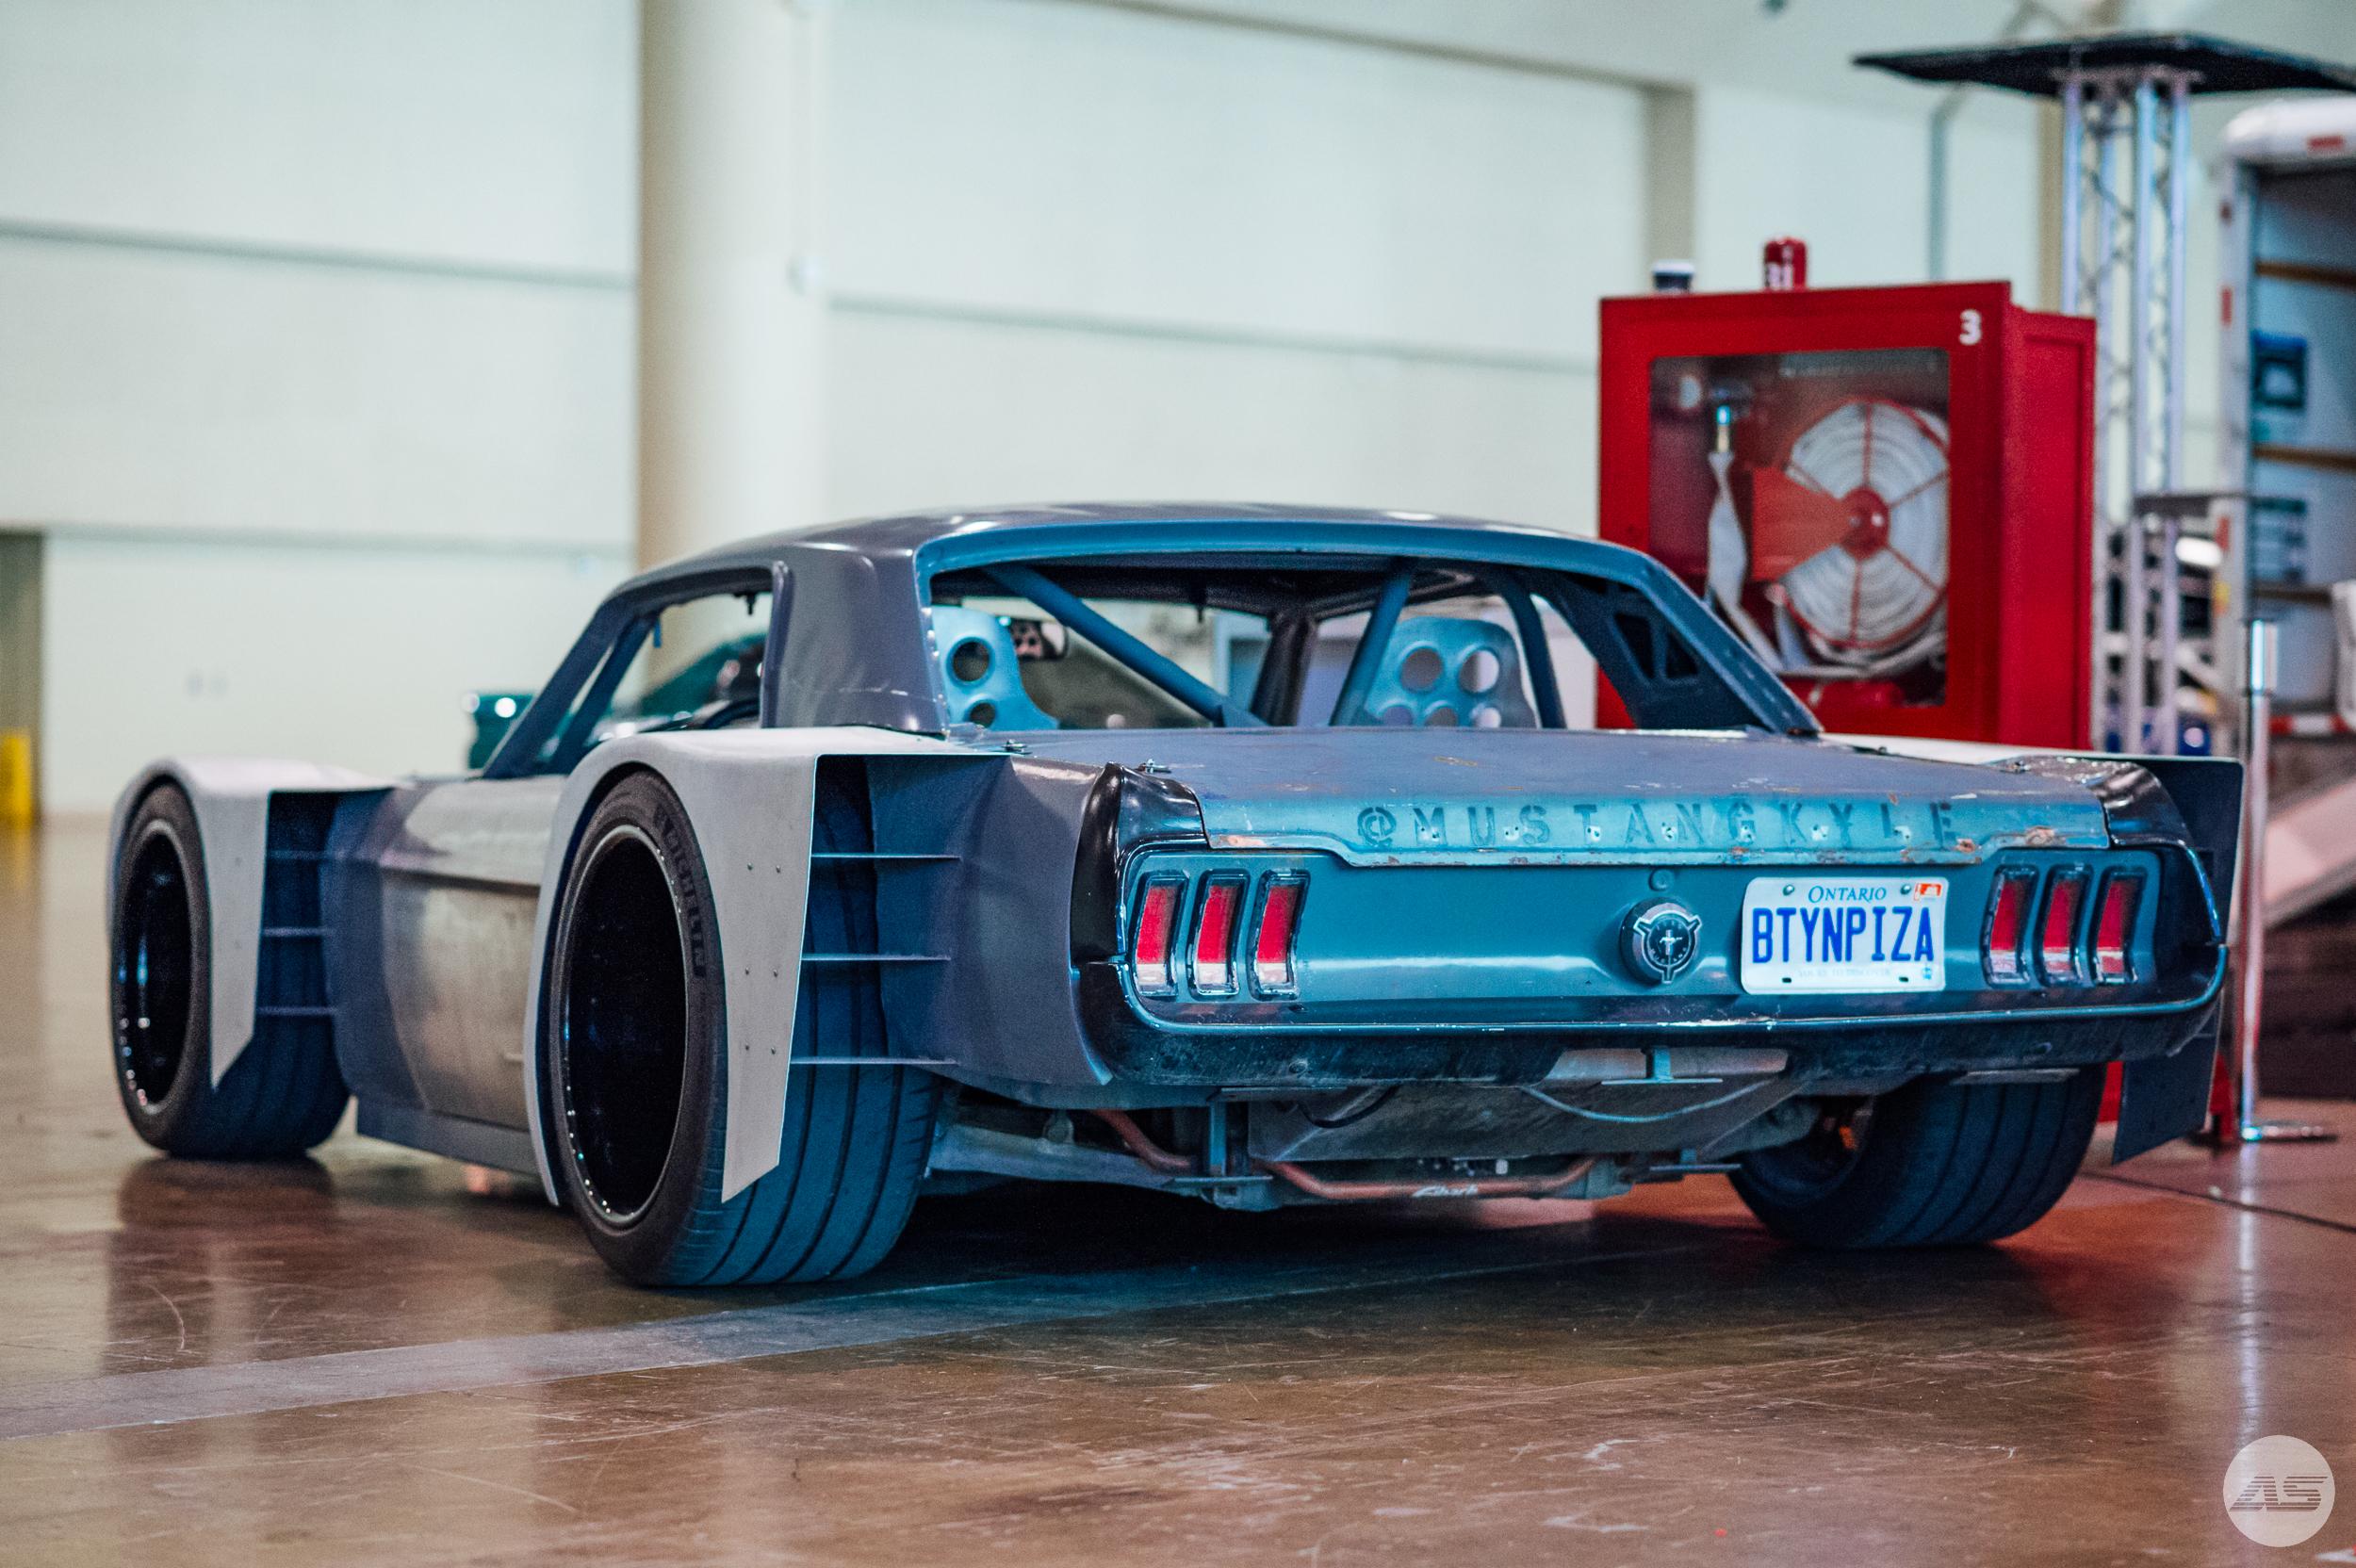 MustangKyle_Importfest_2018-21.jpg